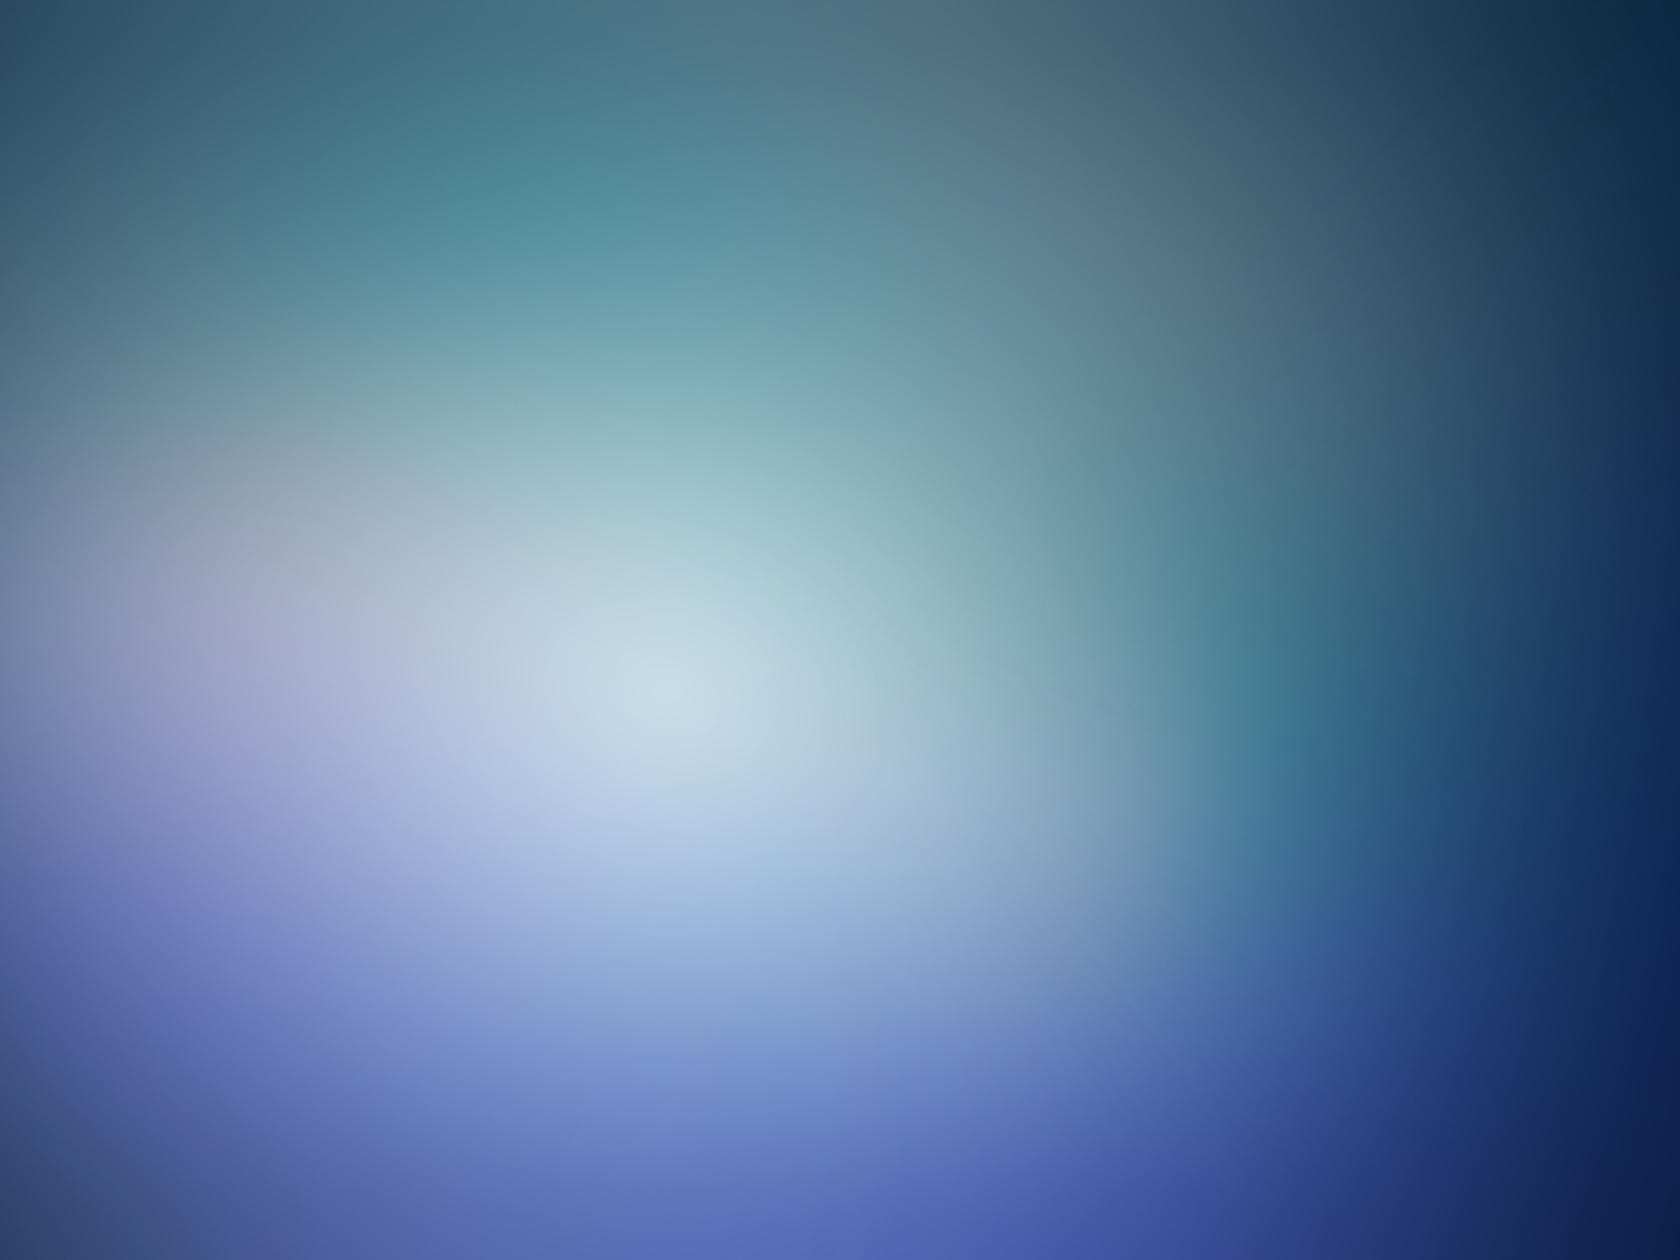 Blue minimalistic blurry gaussian blur (1680x1260)